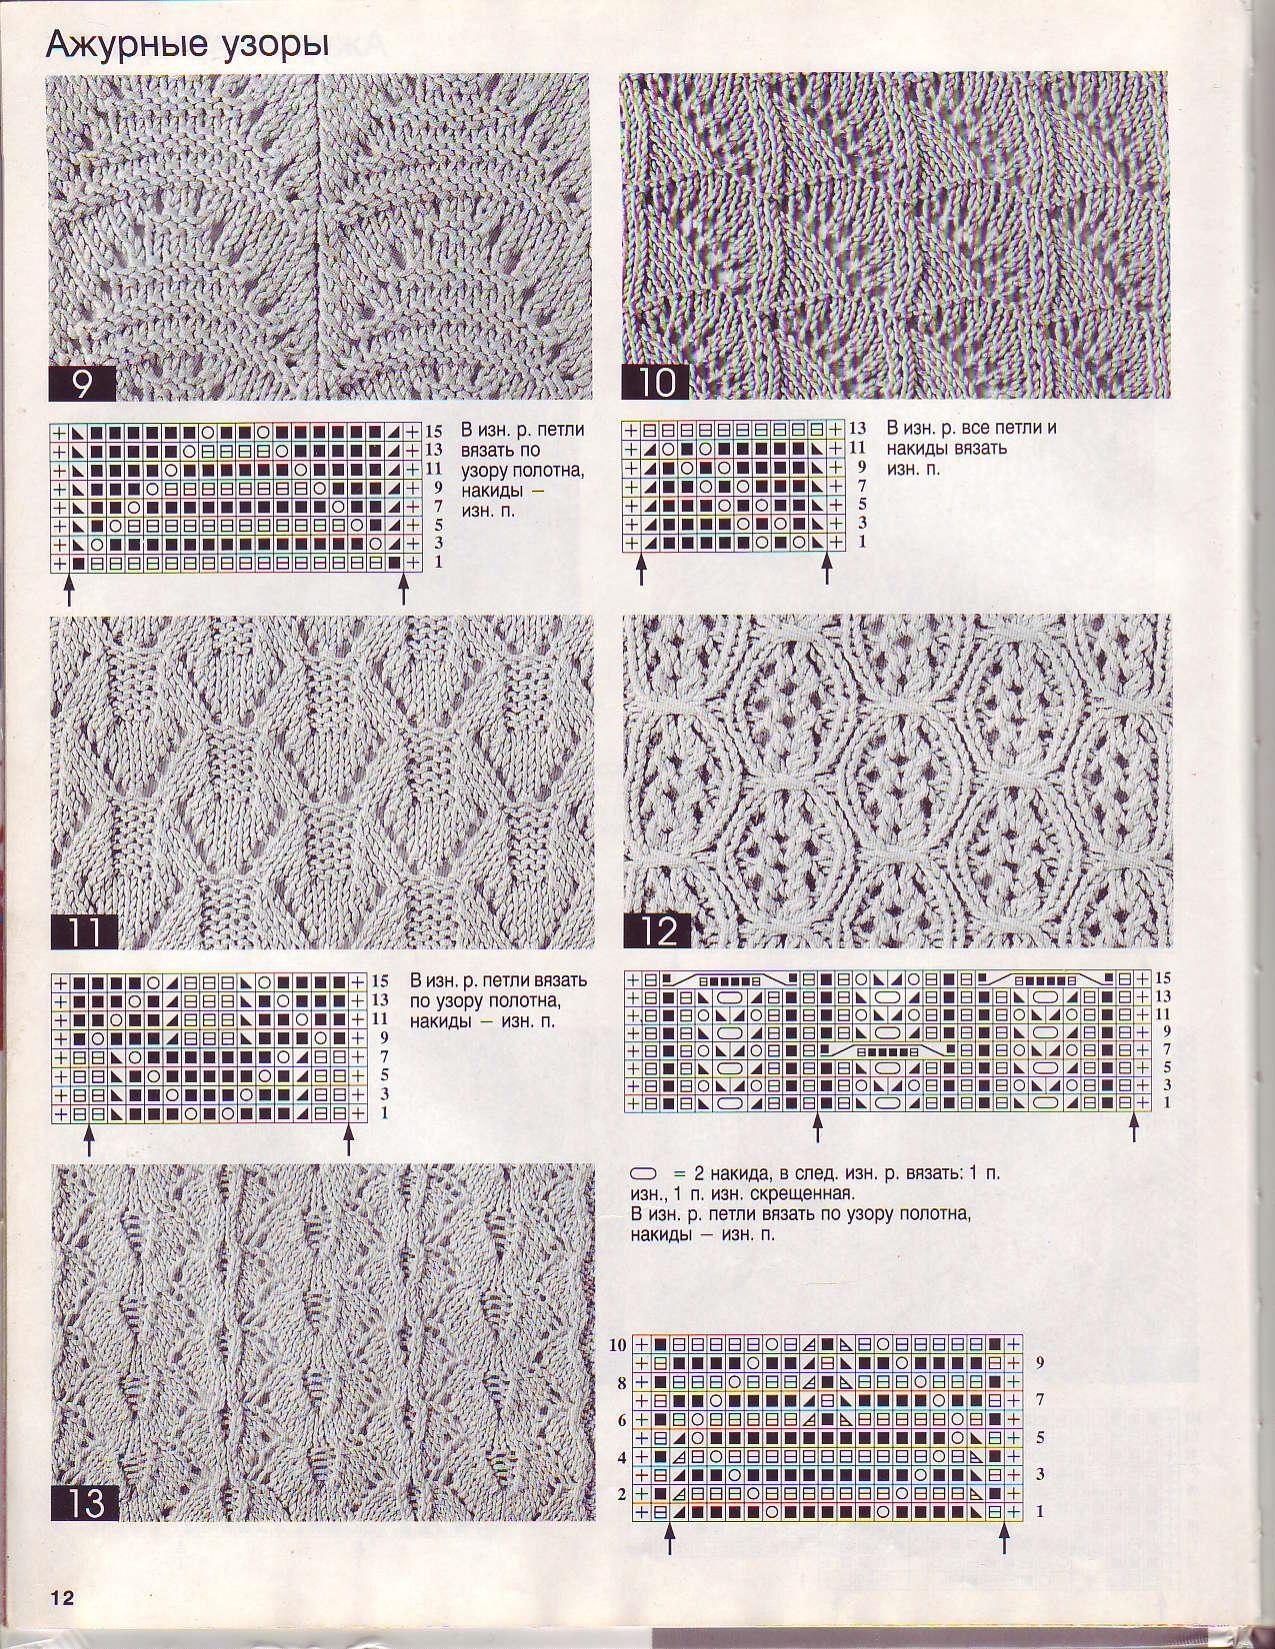 Схема вязания спицами ажурные узоры схема вязанияспицами 26